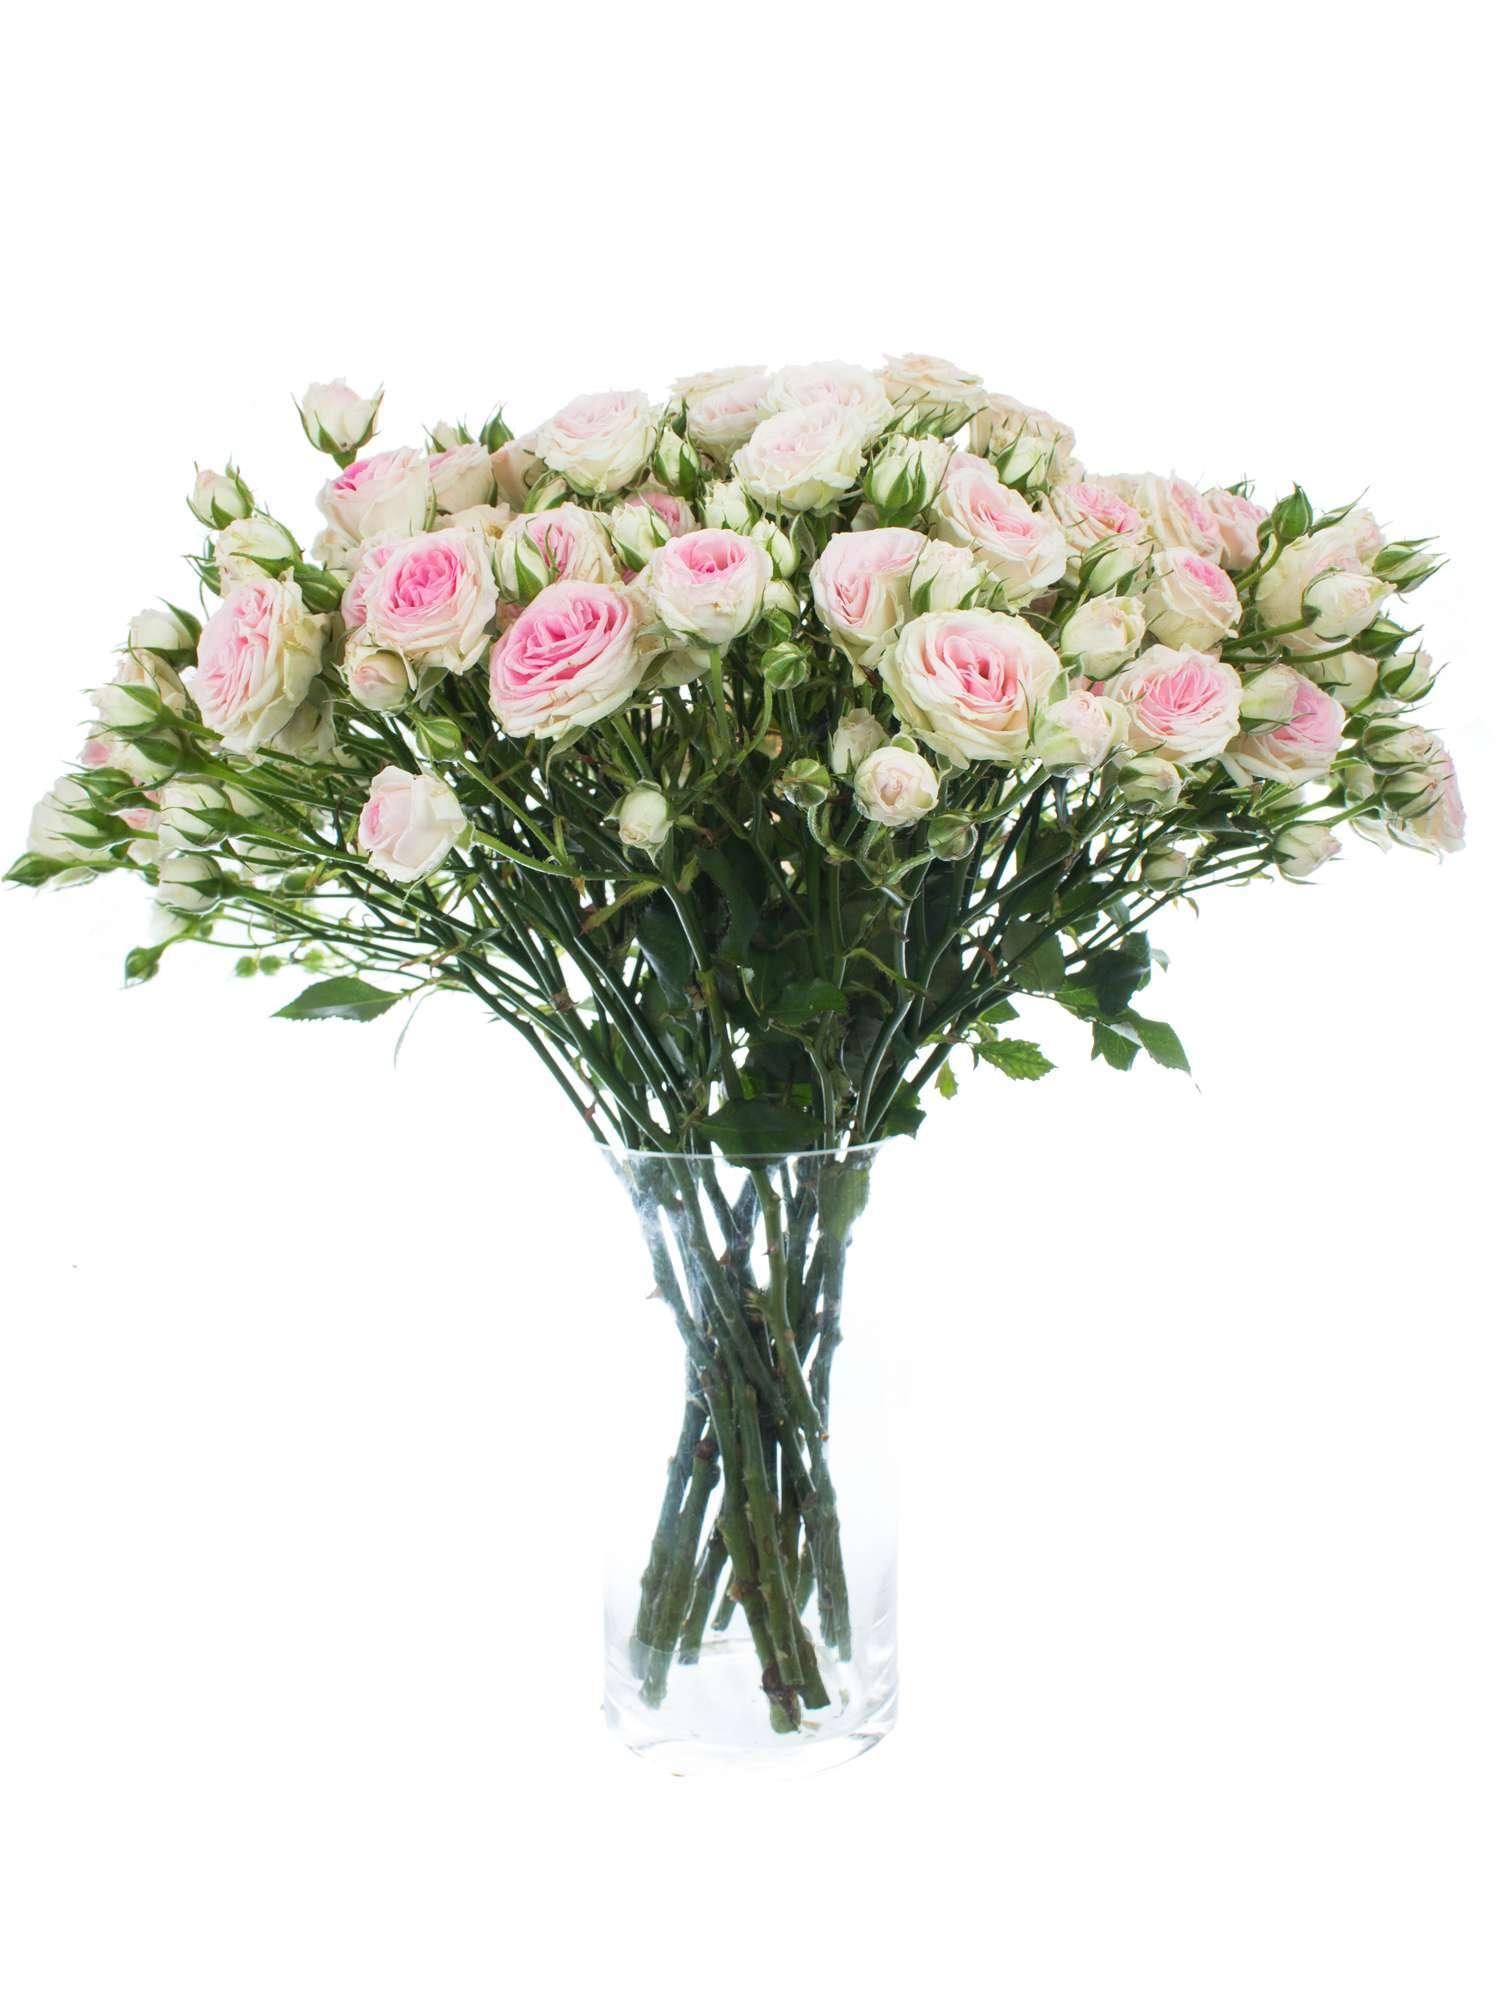 rosen verzweigt mimi eden rosa wei bestellen blumigo. Black Bedroom Furniture Sets. Home Design Ideas